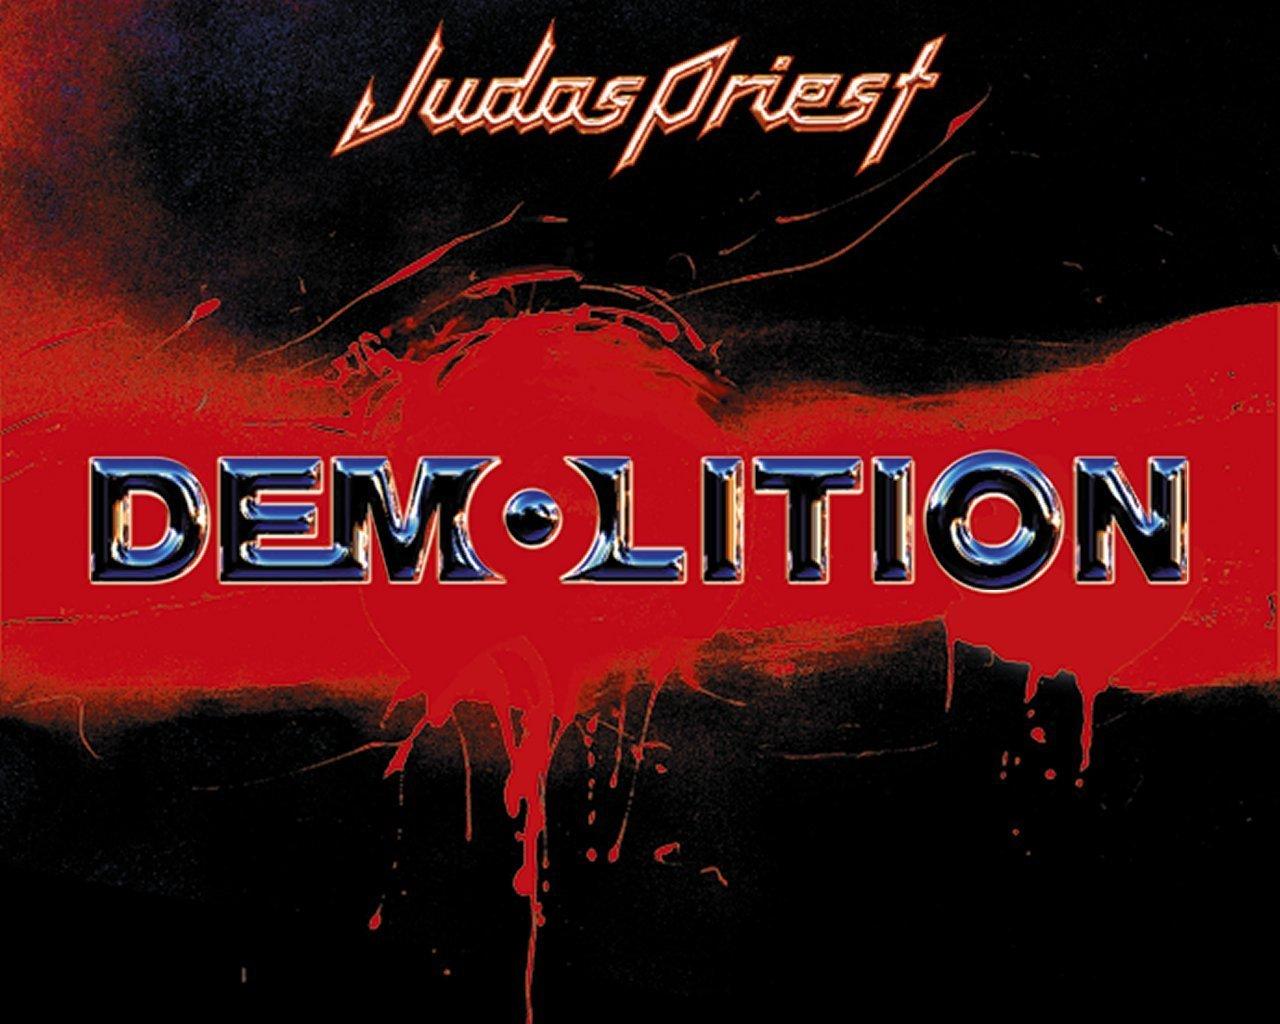 Judas Priest wallpaper